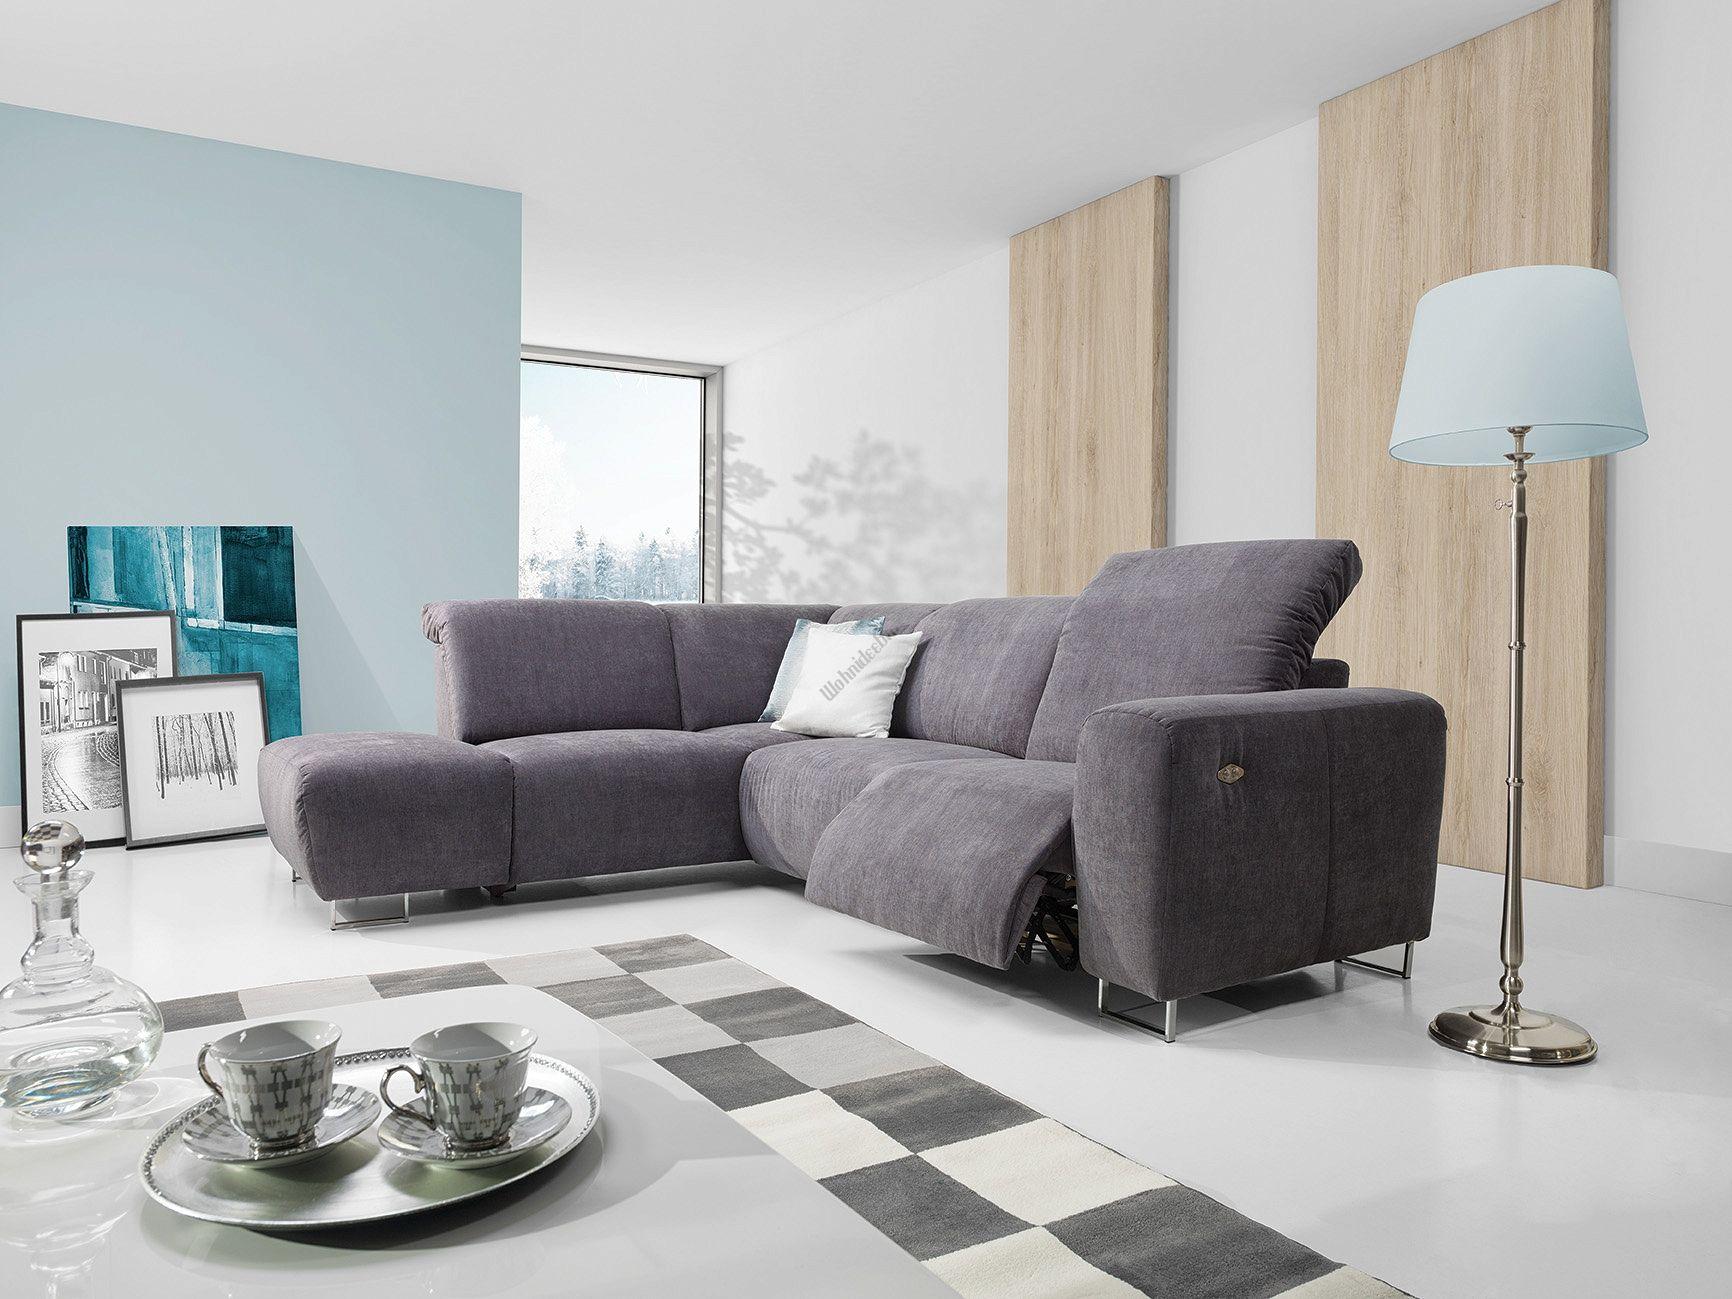 Wunderschön Couchgarnitur Mit Sessel Galerie Von Sofa Couch Lotta Polsterecke Wohnlandschaft Bewegl. Relax